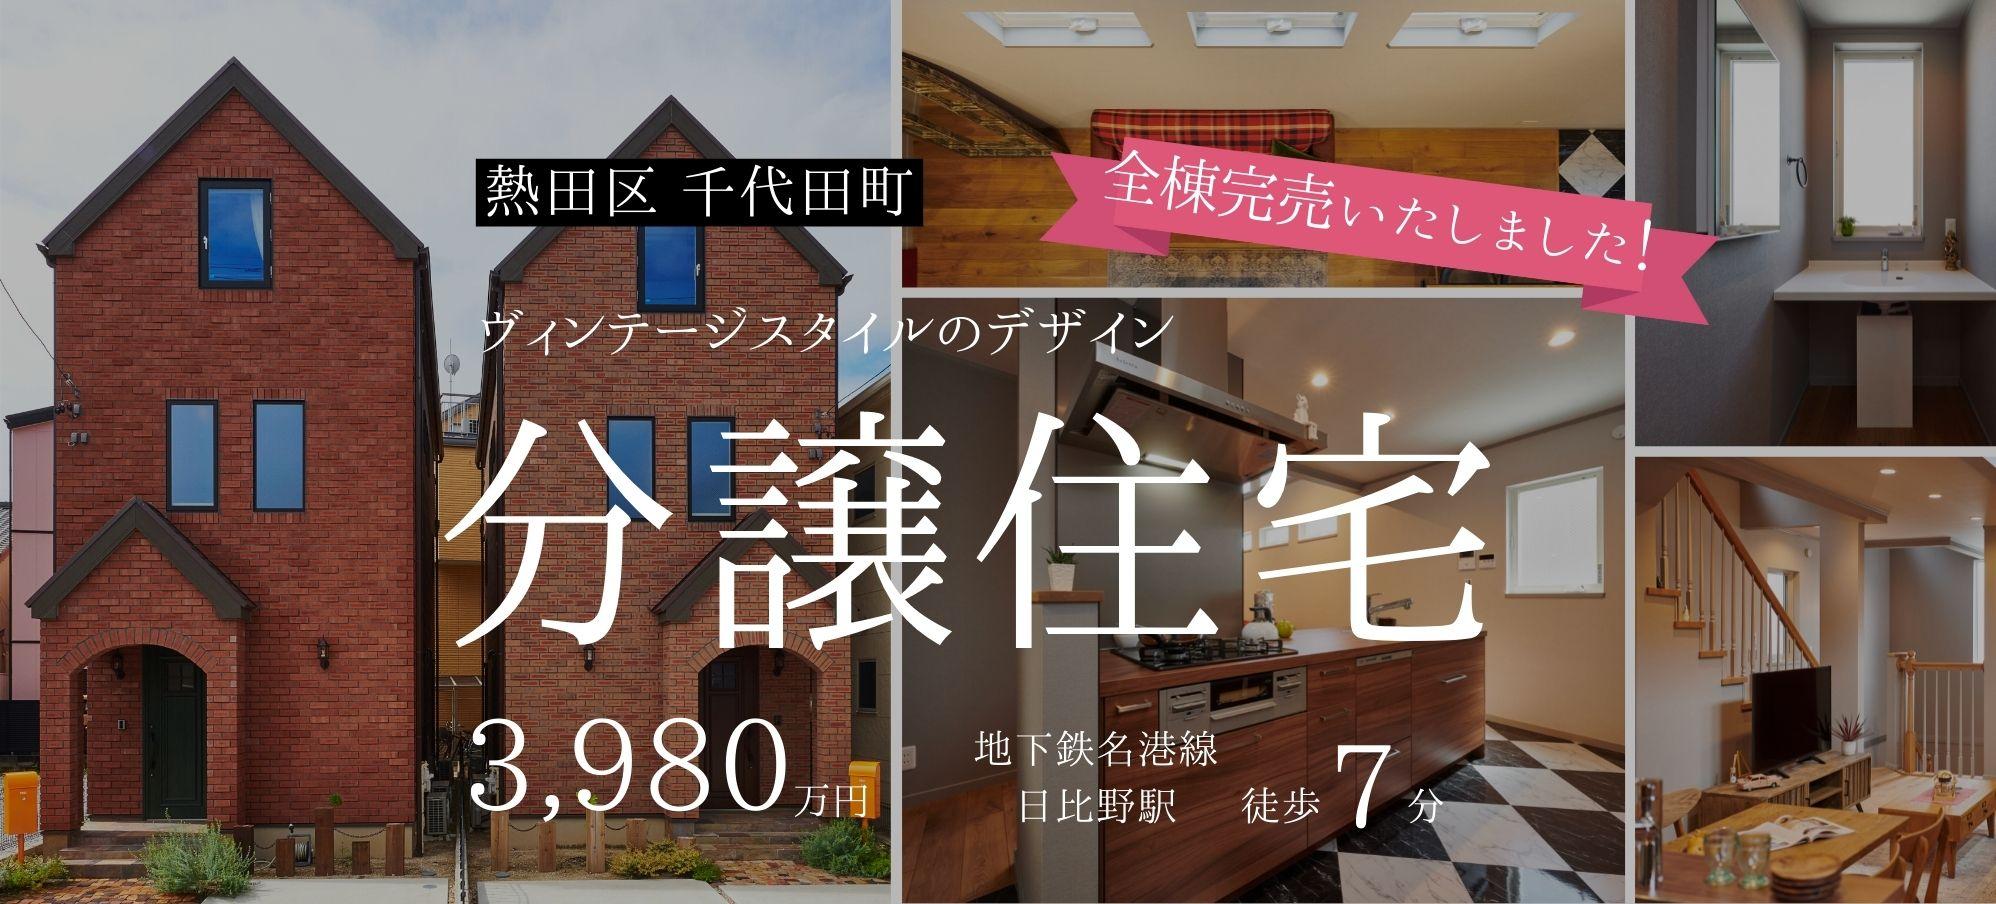 栄和興産の分譲住宅